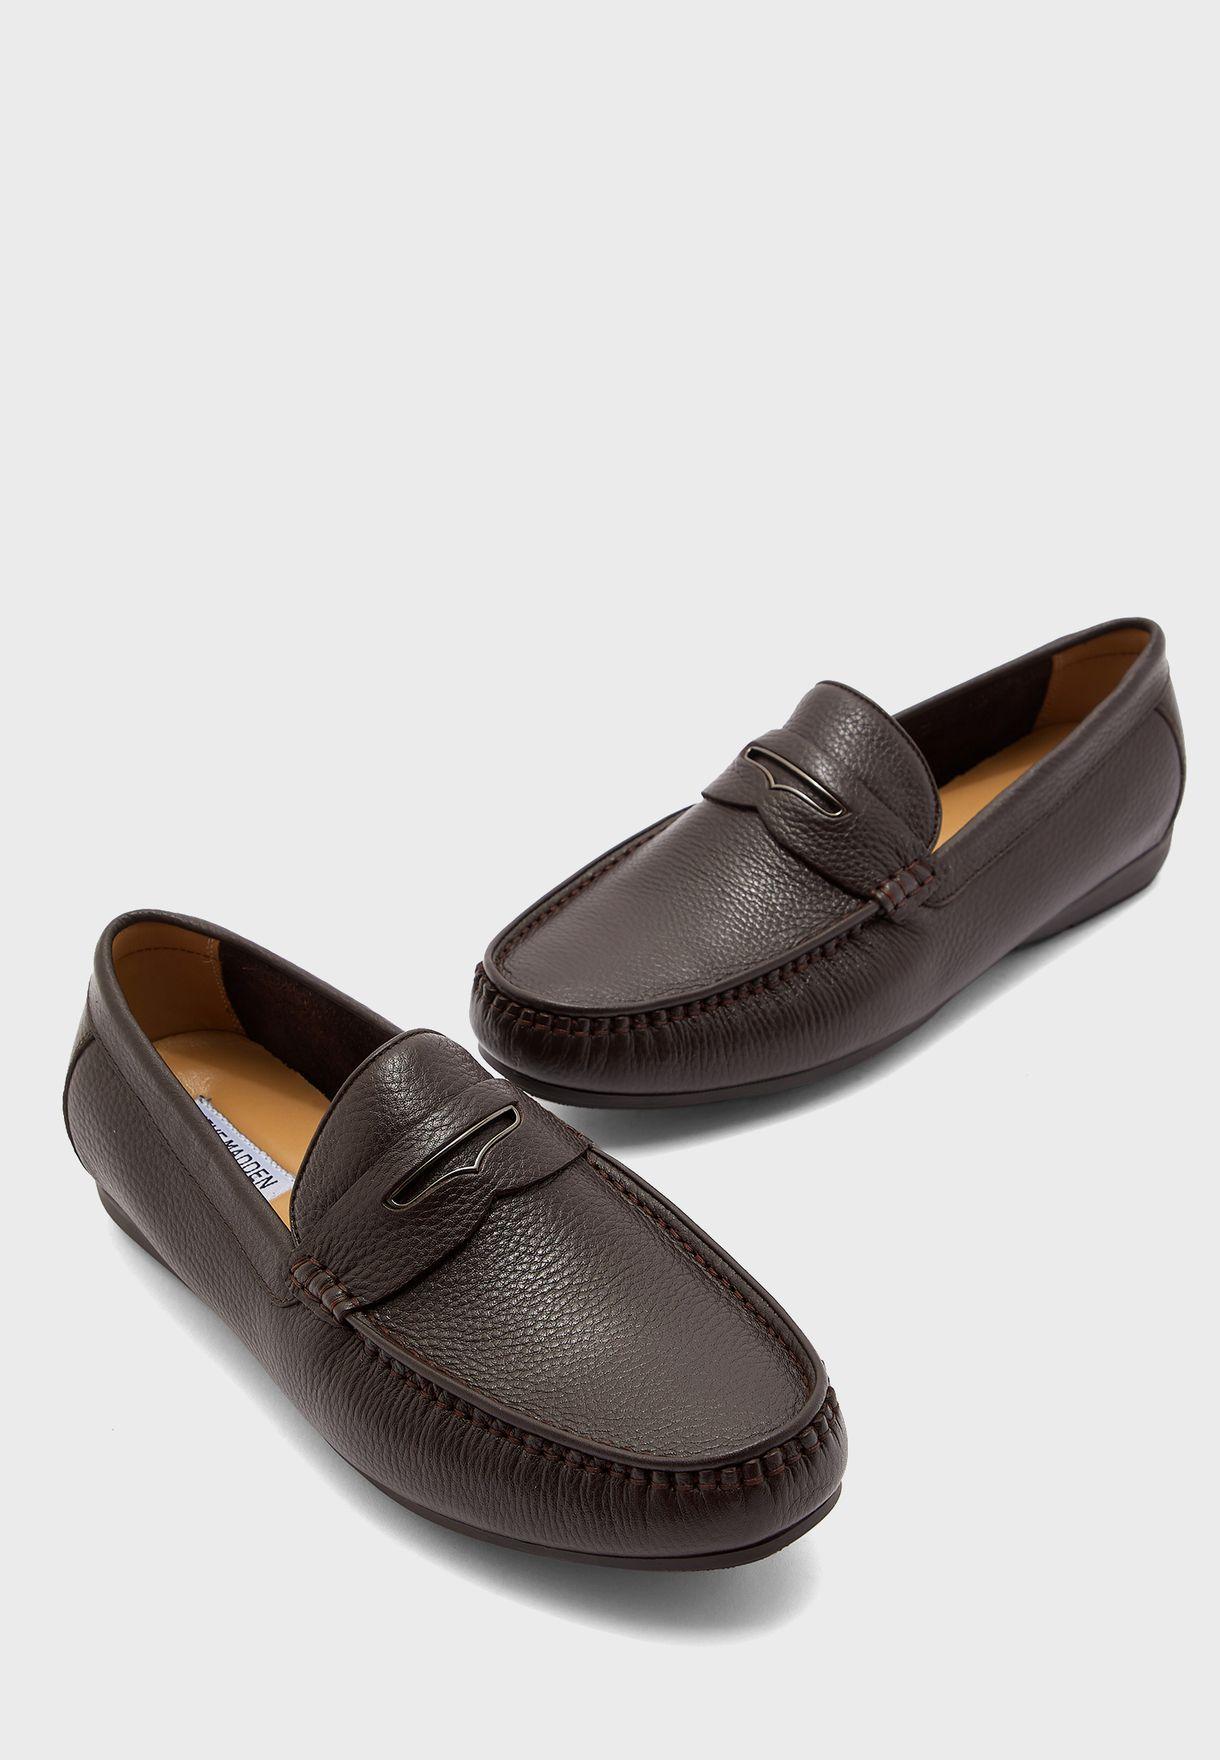 Vk-Dine Loafers